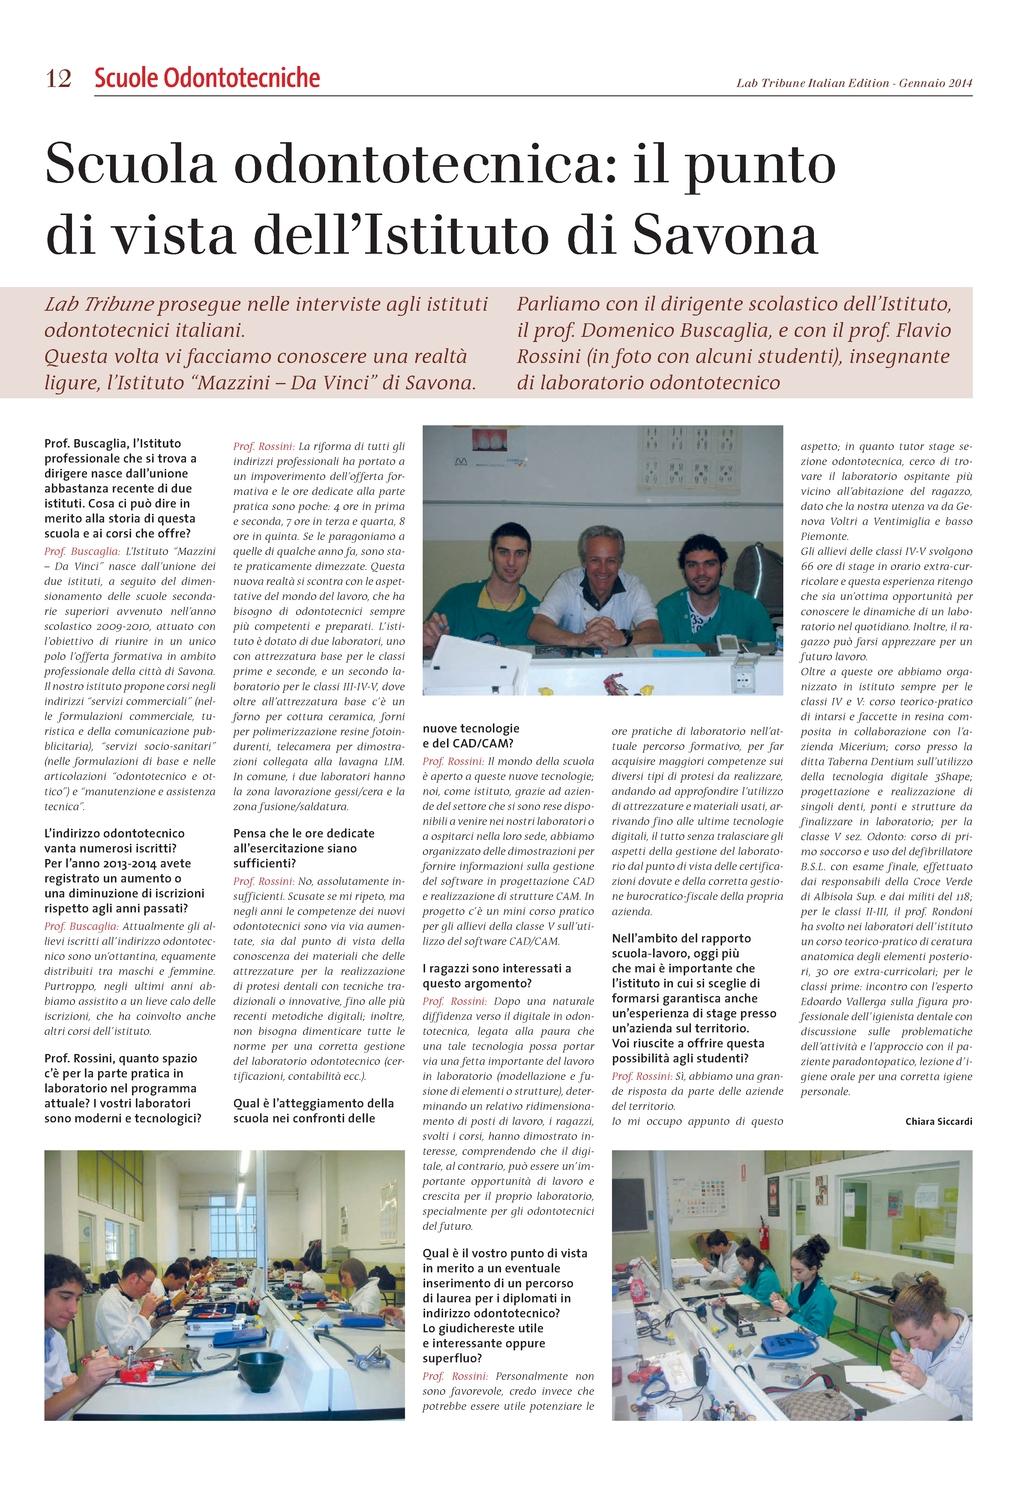 articolo_odontotecnici-01.6resized